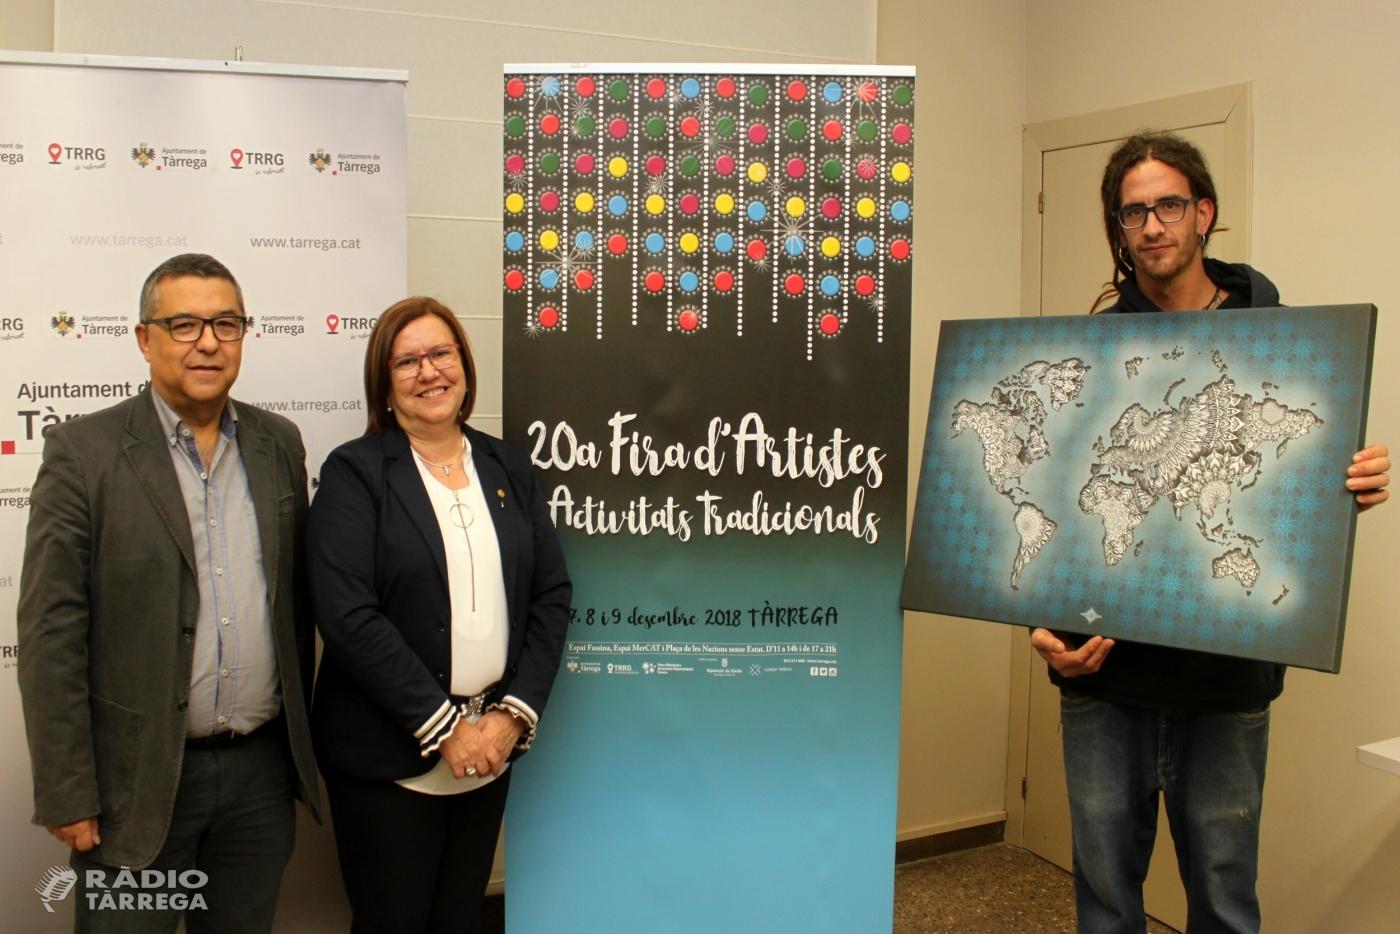 Tàrrega celebrarà del 7 al 9 de desembre el 20è aniversari de la Fira d'Artistes i Activitats Tradicionals